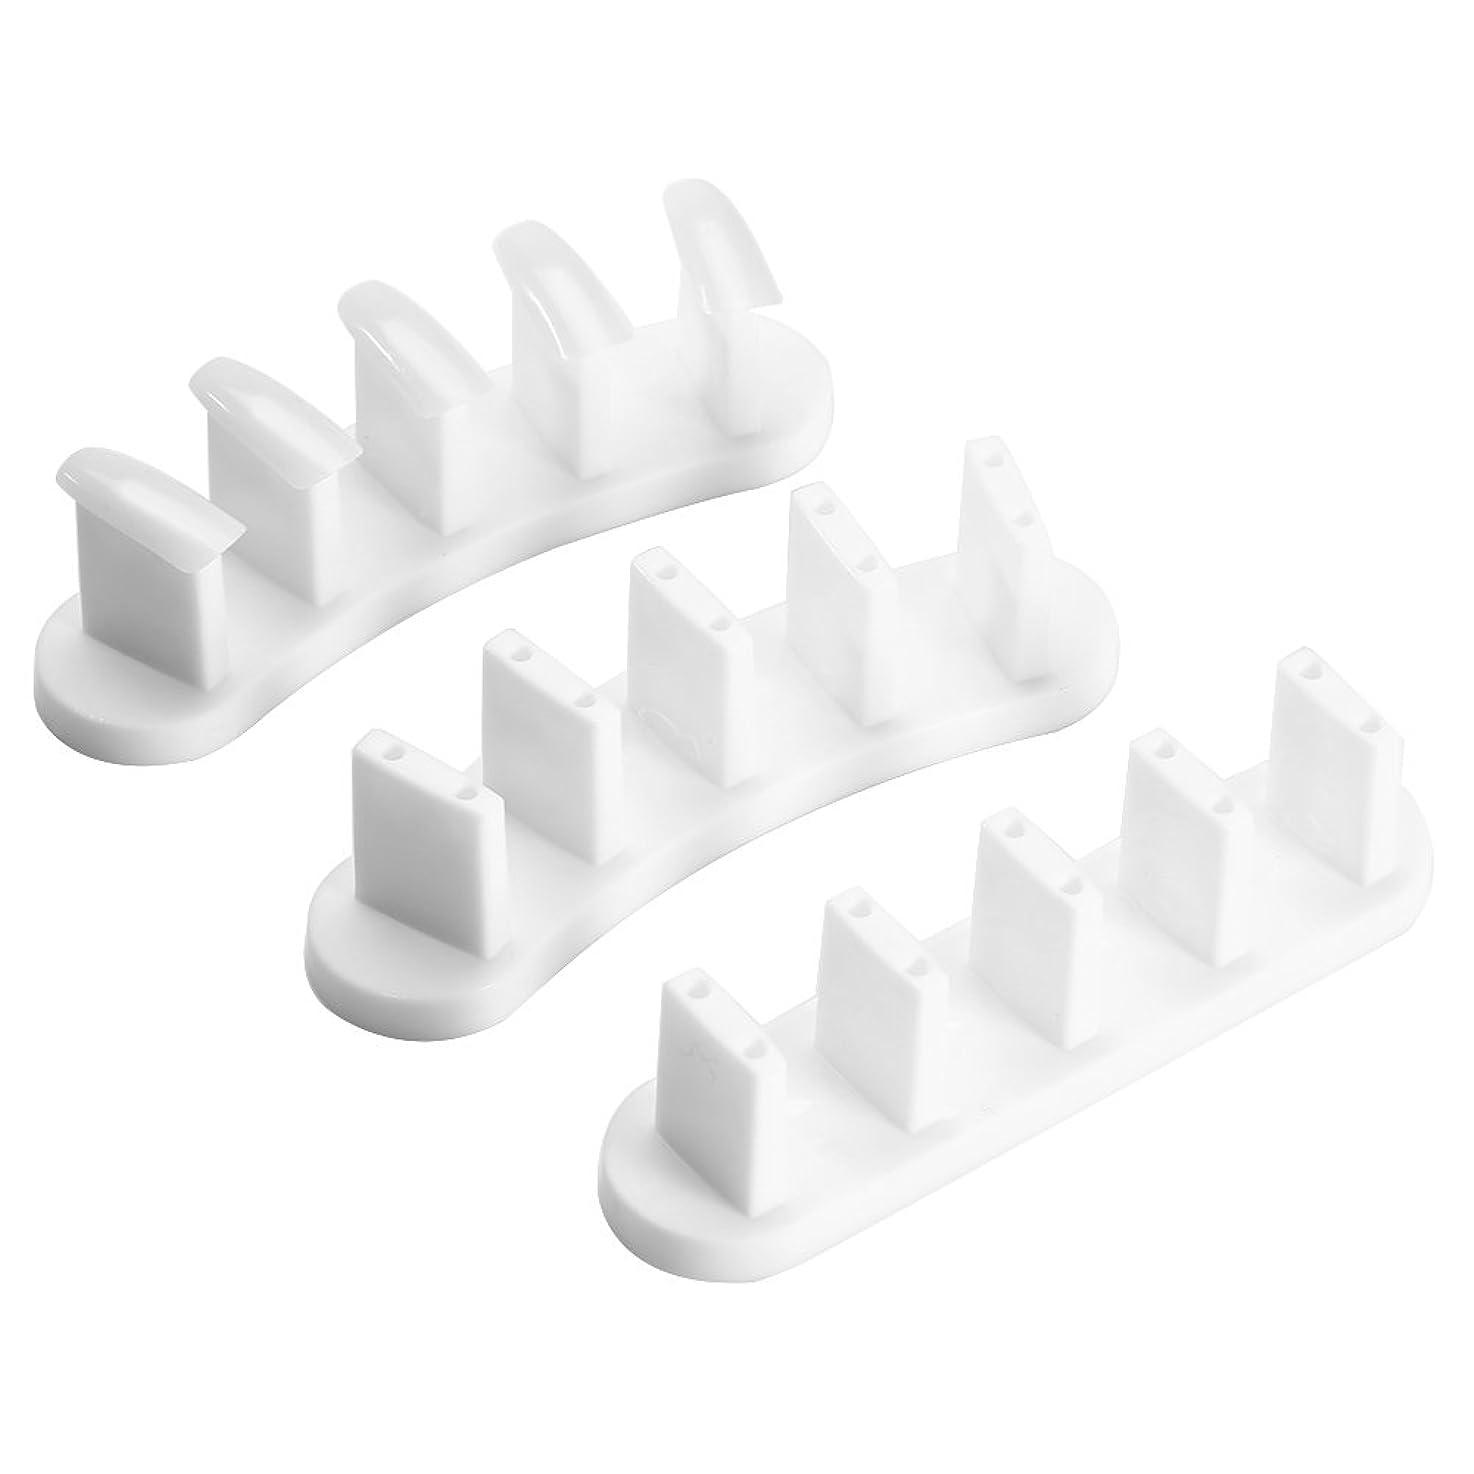 天順応性のある製作ネイルチップホルダー スタンドベース3pcs + 100個の練習爪のヒント 1セット (白)